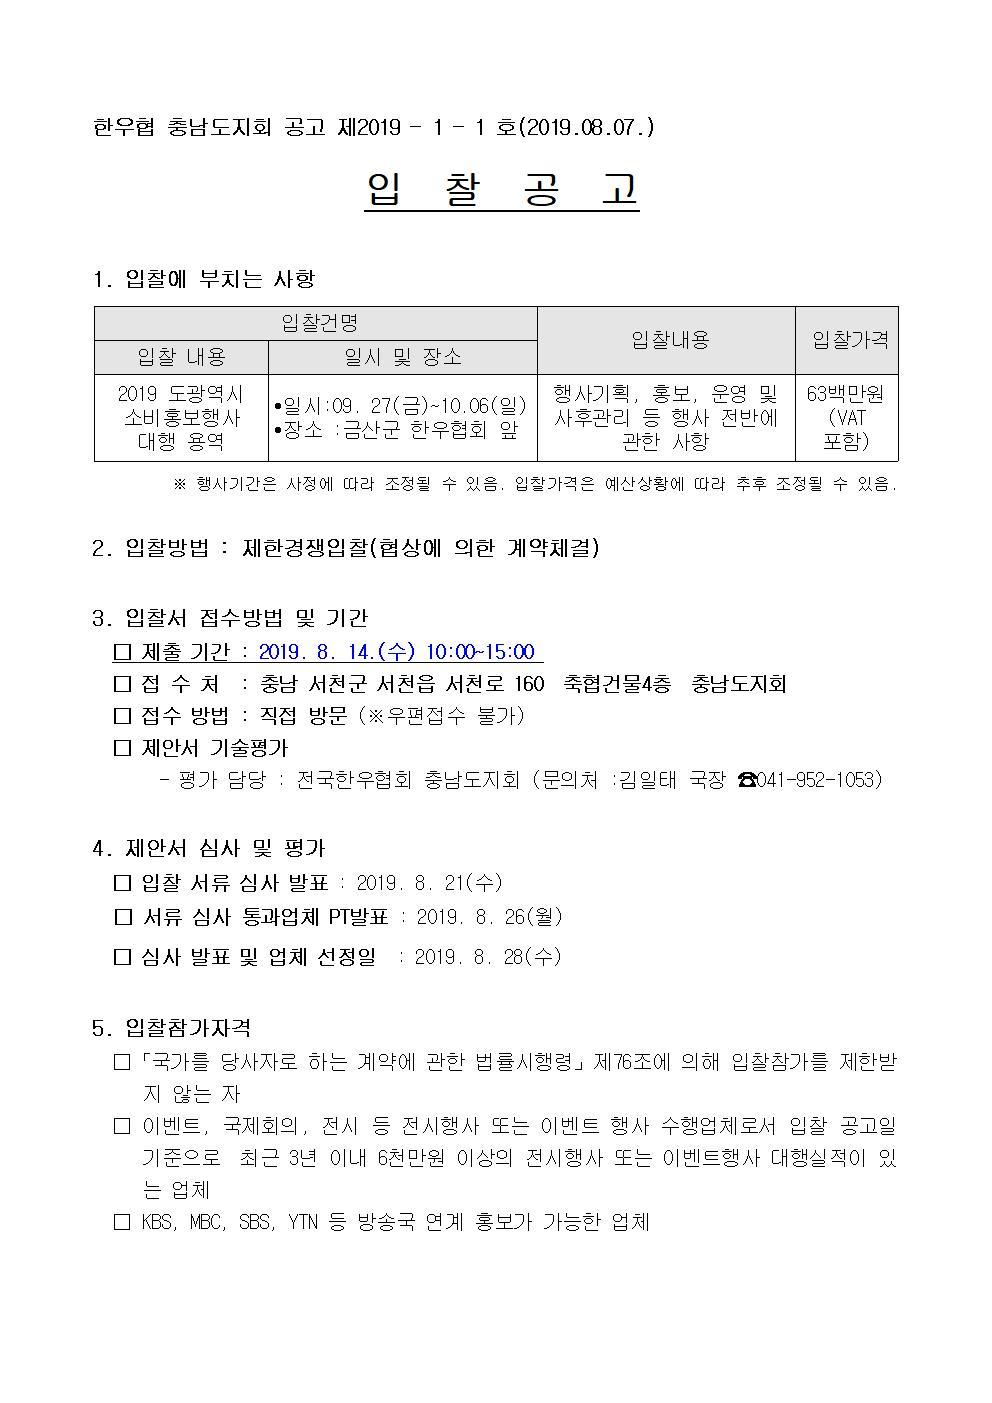 [입찰공고]2019년 도광역시 소비홍보행사(충남)001.jpg